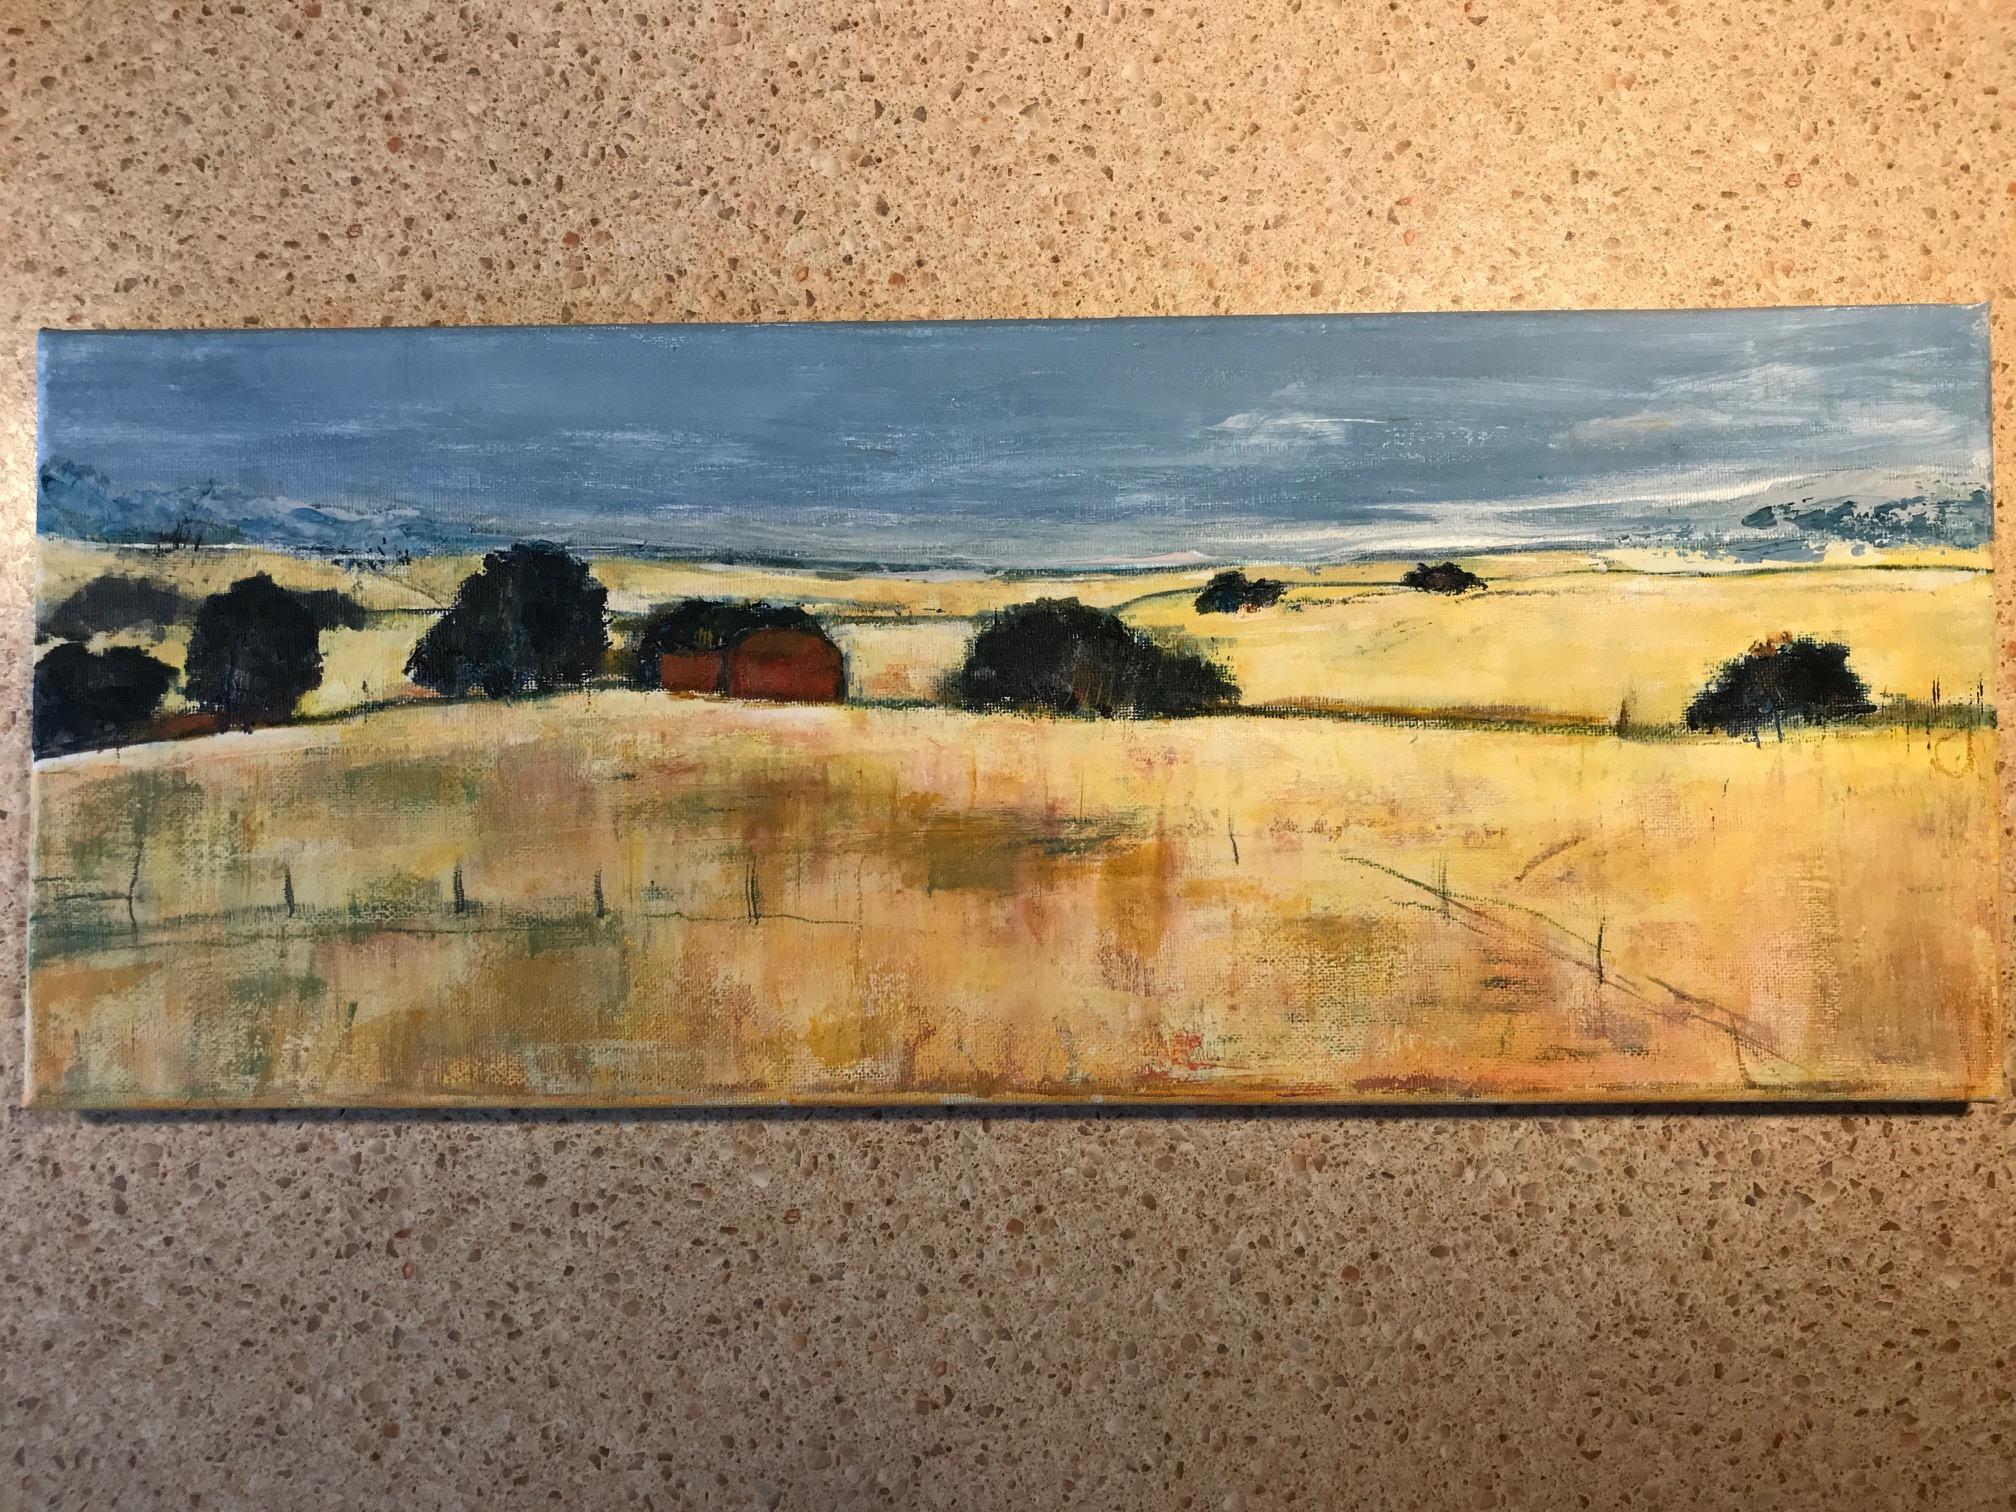 Landschaft abstrakt  (nach Vorlage aus dem Internet)